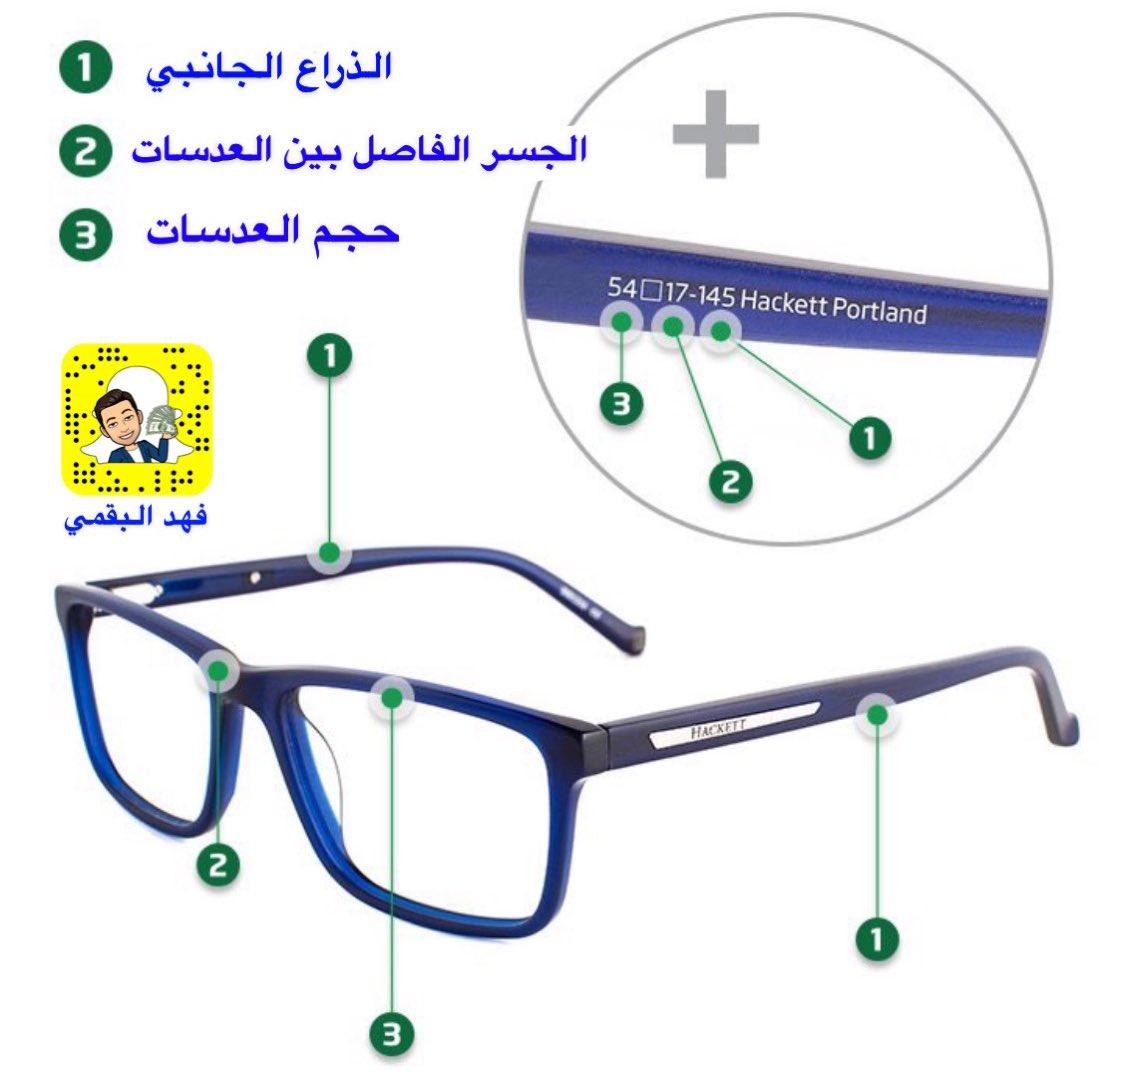 Uzivatel فهد البقمي Na Twitteru كثيرون عندما يريدون في شراء نظارات لا يعرفون كيفية قراءة بيانات المقاسات الخاصة بالنظارة مما يجعلهم عرضه لطلب نظارة إما كبيرة أو صغيره لاتناسبهم لذا الصورة التالية